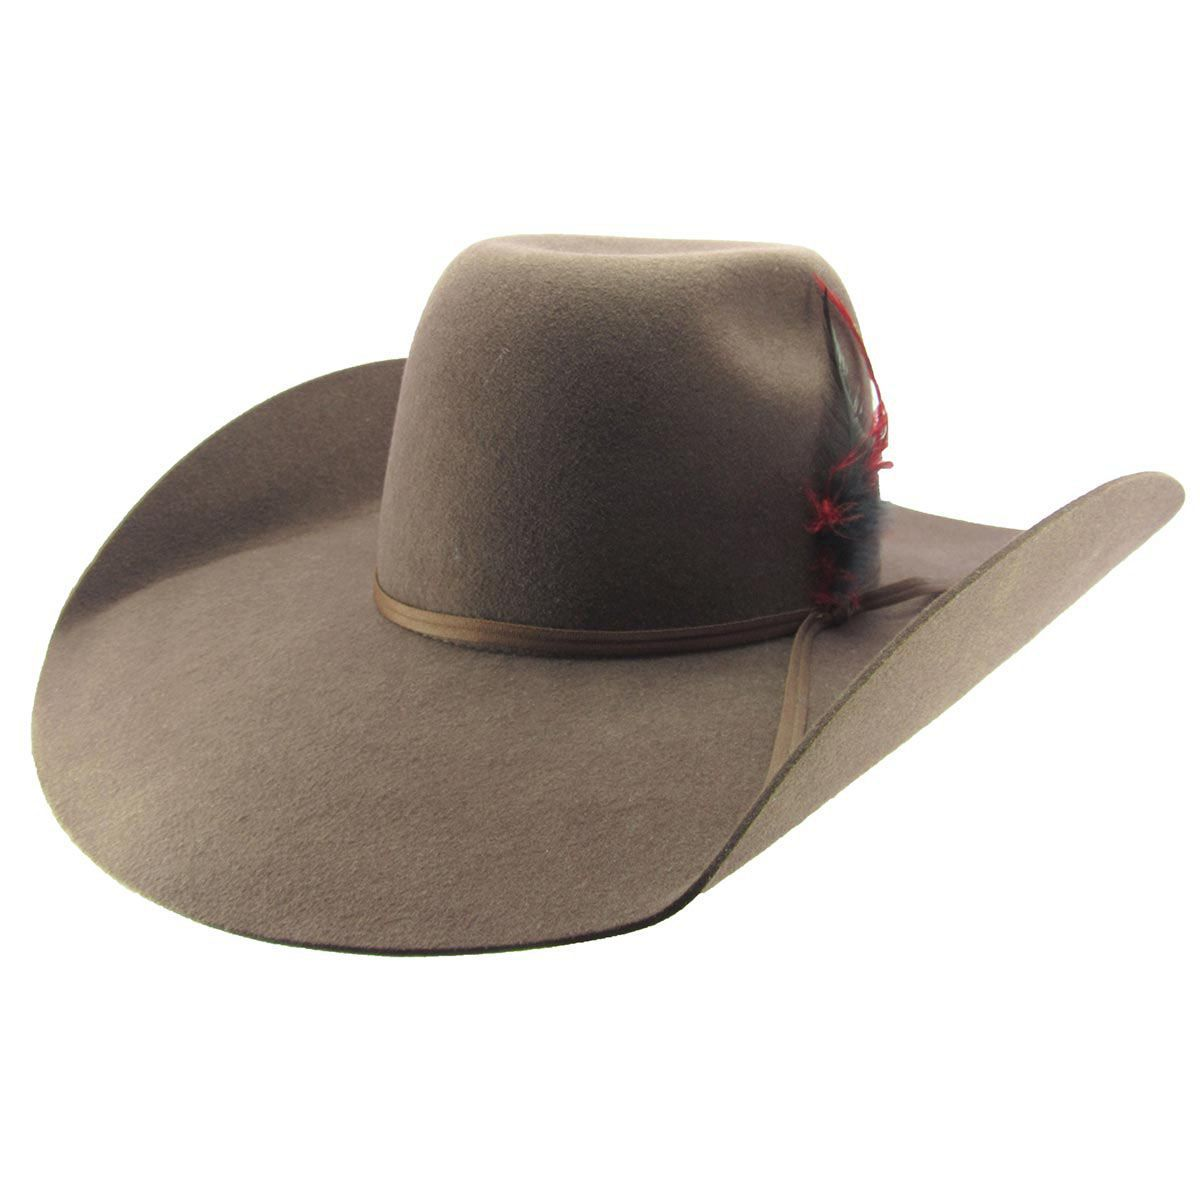 59d39b6a0bf43 Chapéu Pralana Biplay Ii Café Country Aba 13 - Cowboy BR